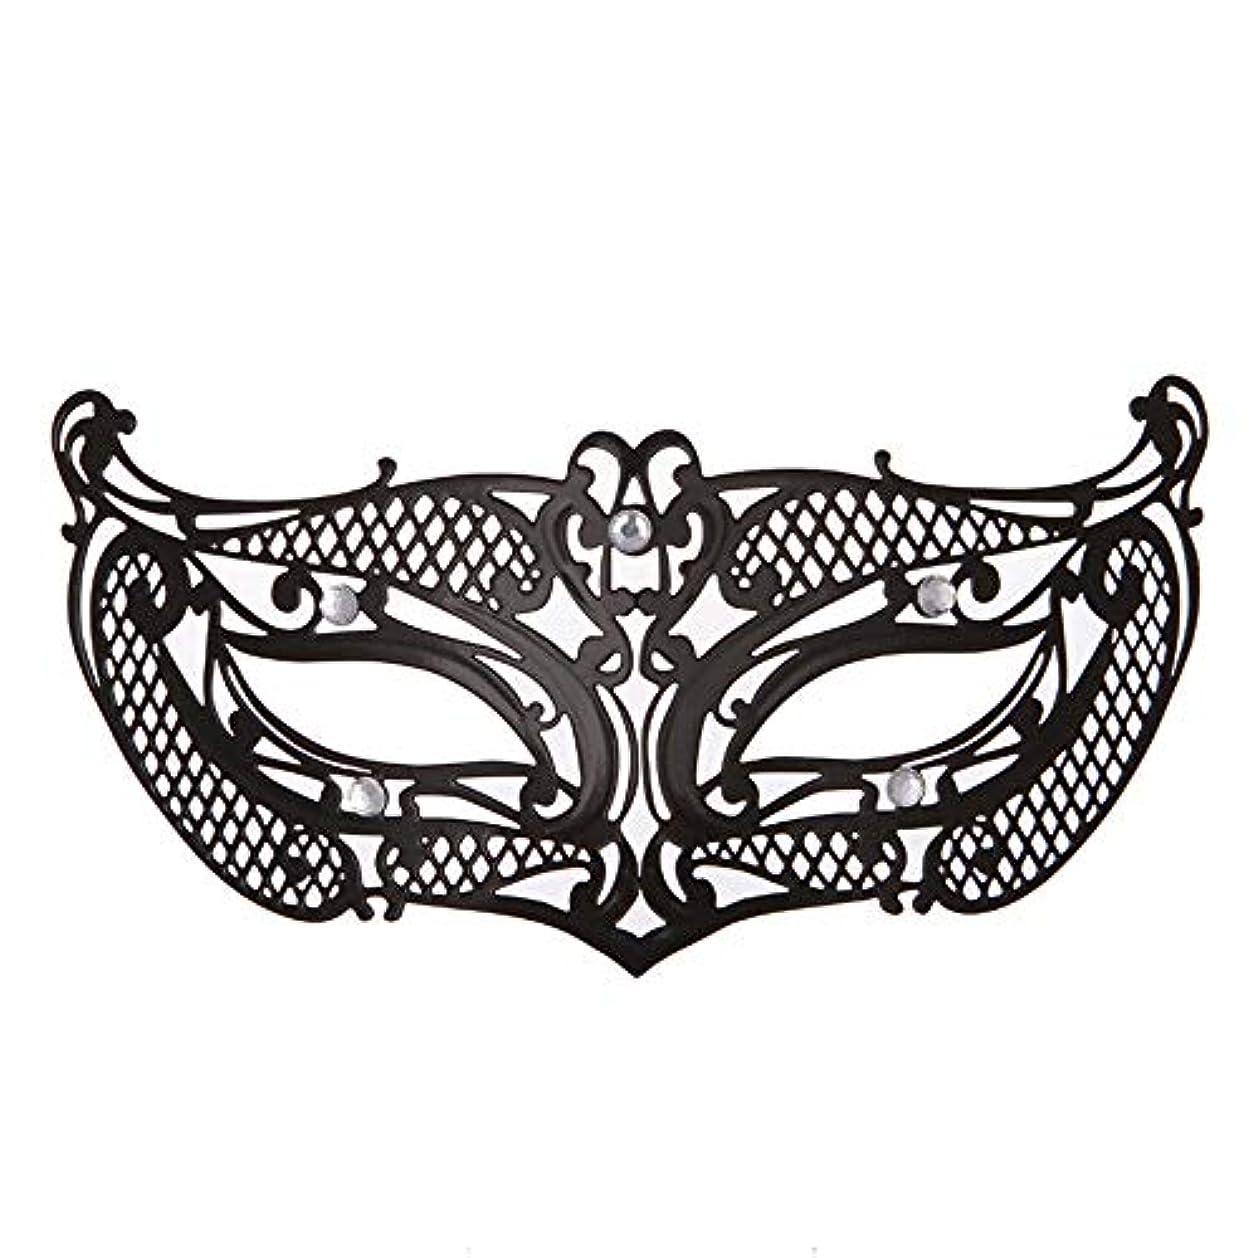 不調和振る舞うカスケードダンスマスク アイアンメタリックレースとダイヤモンドハーフマスクハロウィンダンスマスクナイトクラブボールマスクコスプレパーティーハロウィンマスク ホリデーパーティー用品 (色 : ブラック, サイズ : 19x8cm)